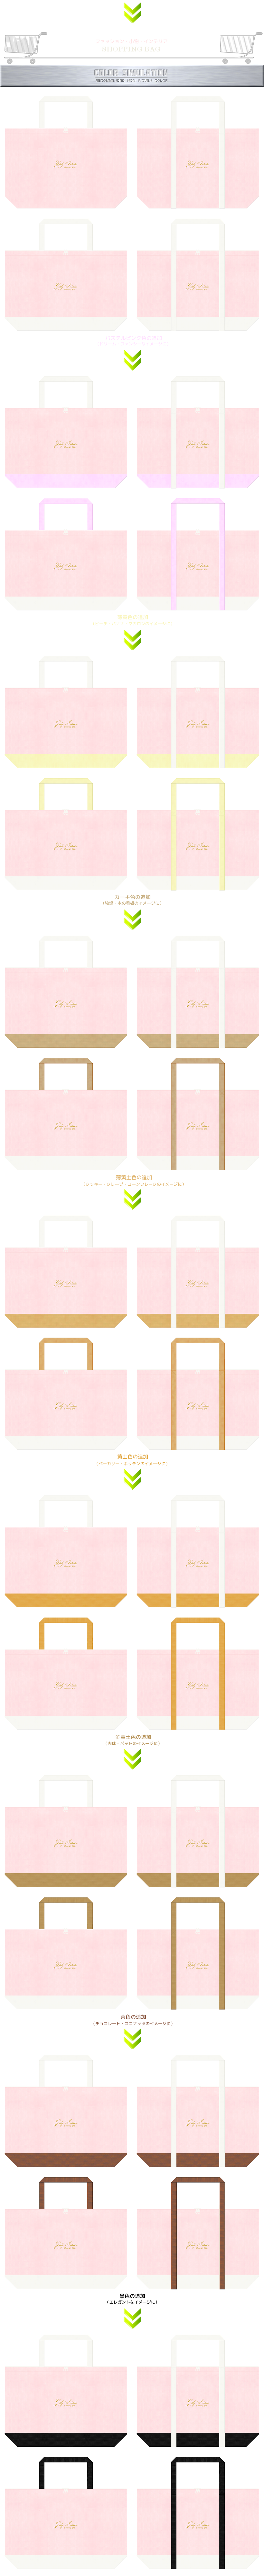 桜色とオフホワイト色をメインに使用した不織布バッグのカラーシミュレーション:ガーリーデザインのショッピングバッグ